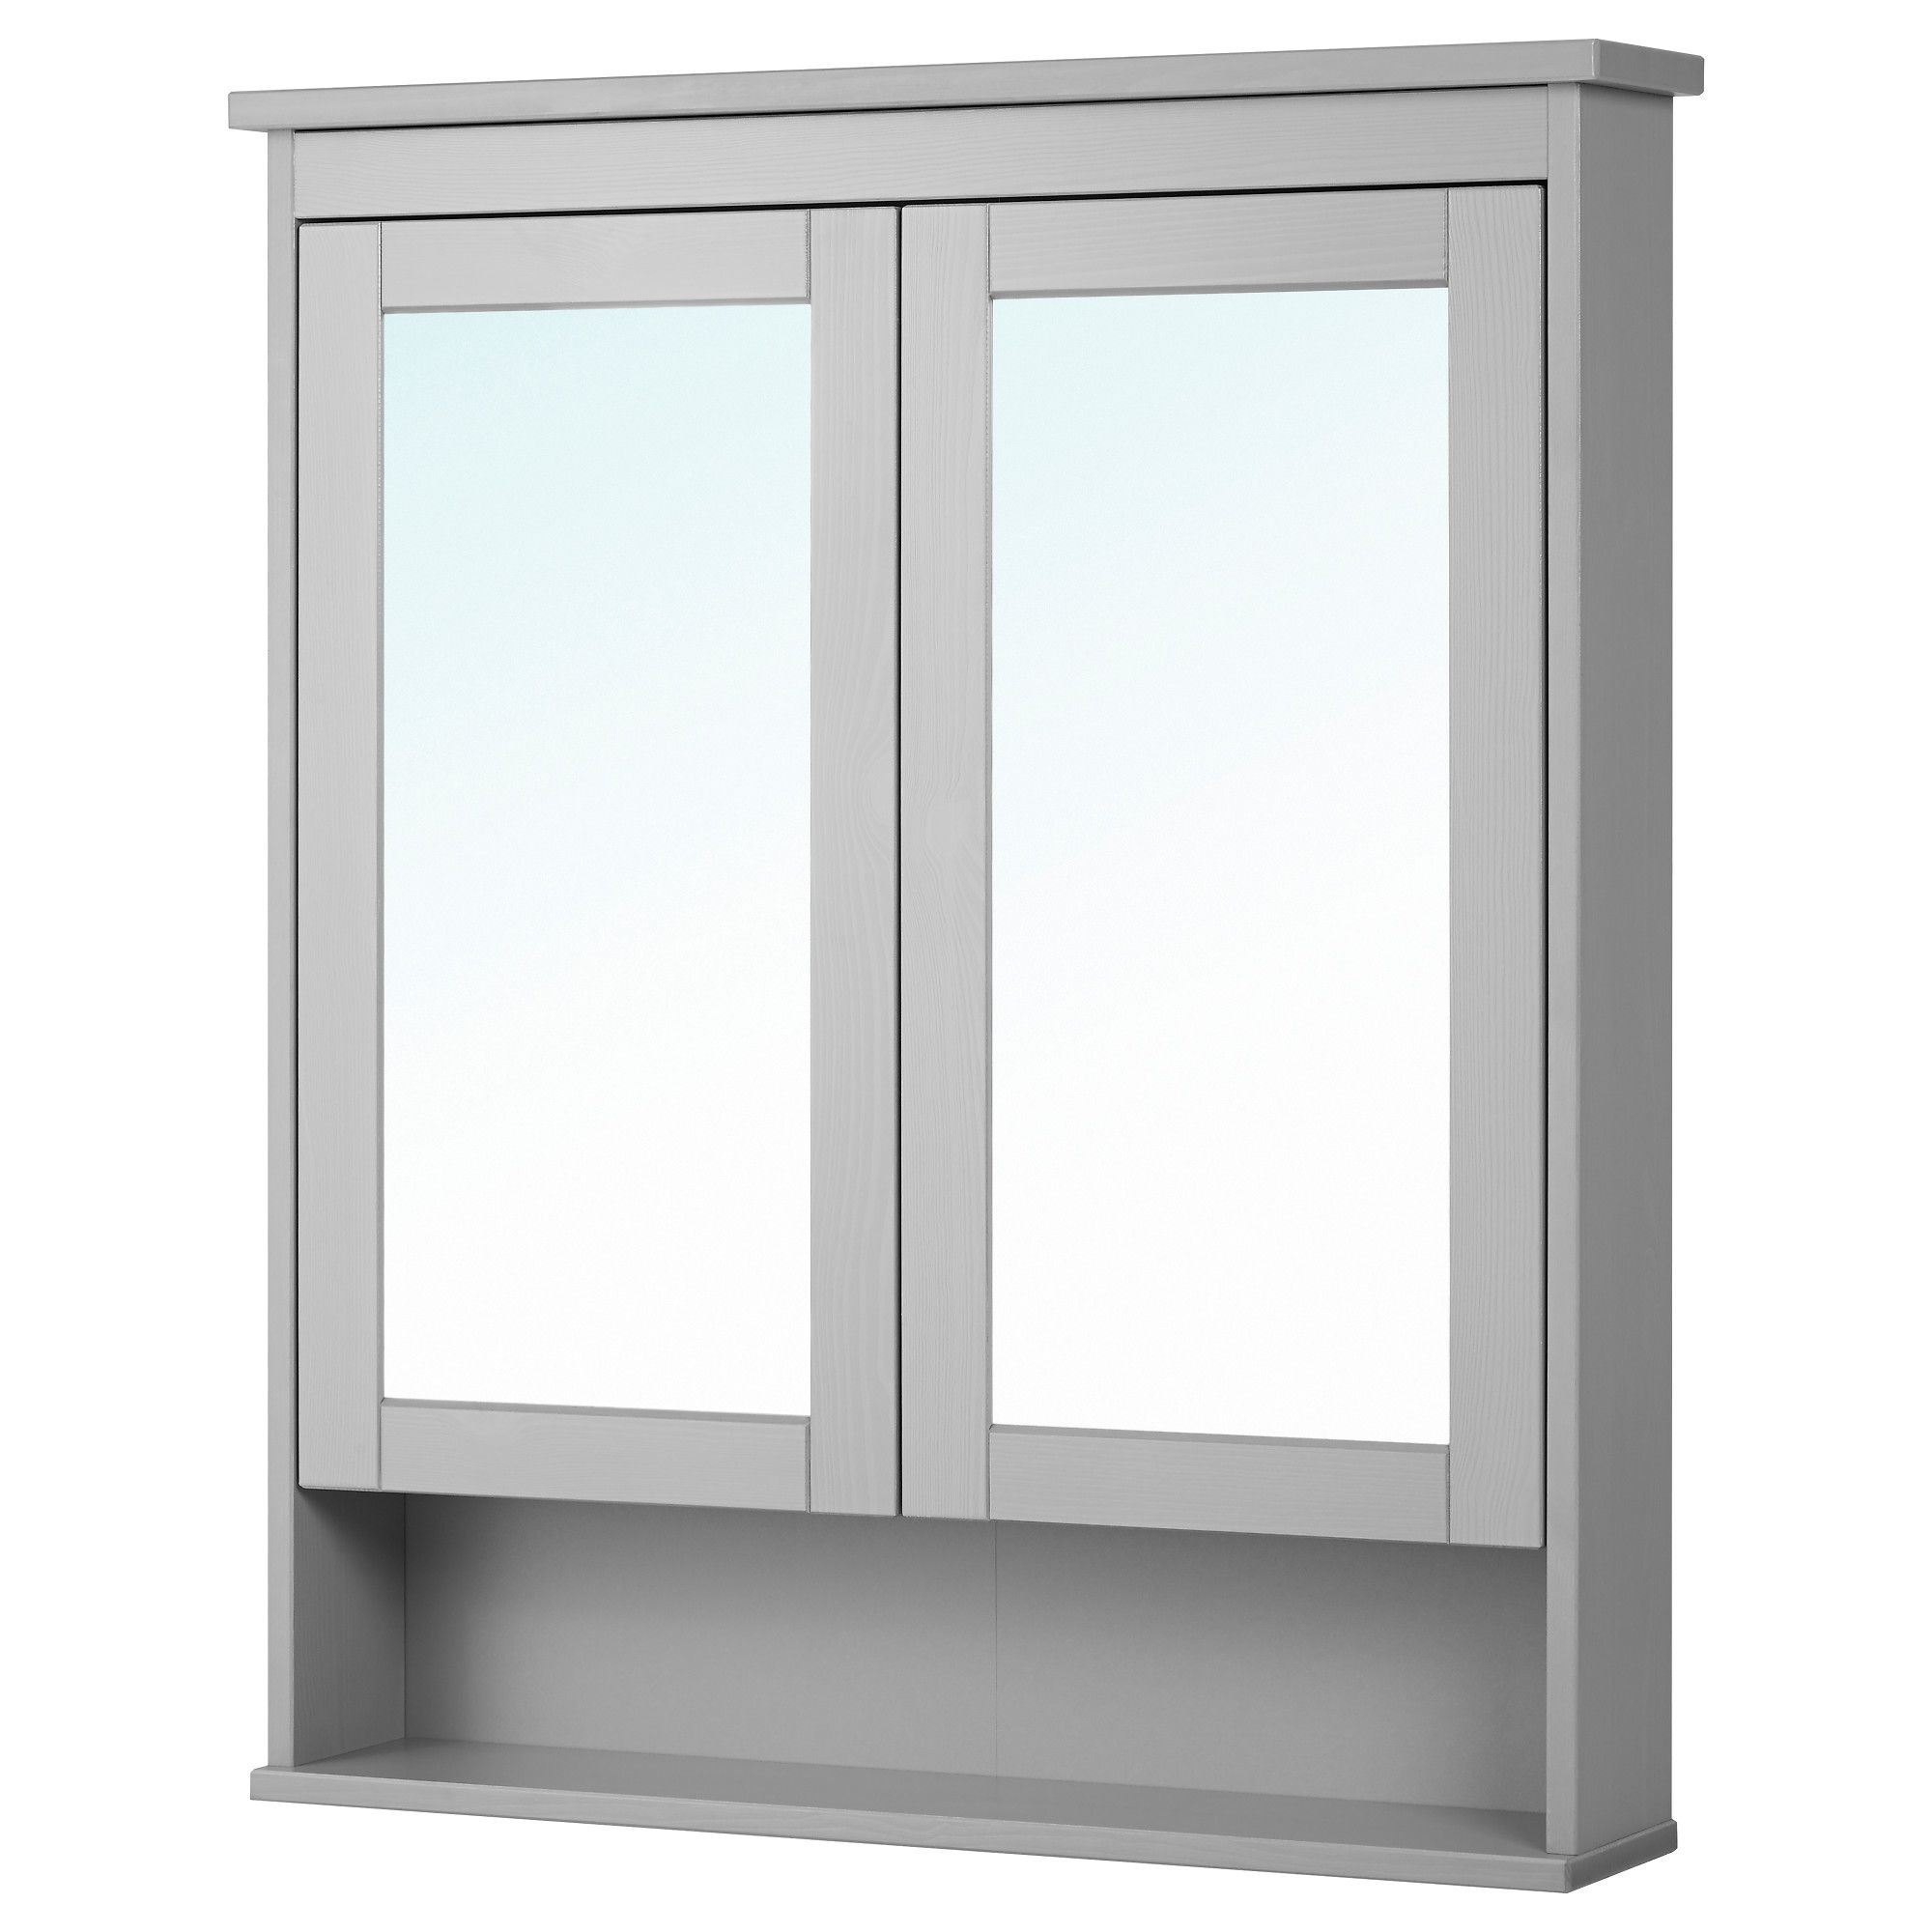 hemnes, spiegelschrank 2 türen, grau jetzt bestellen unter: https